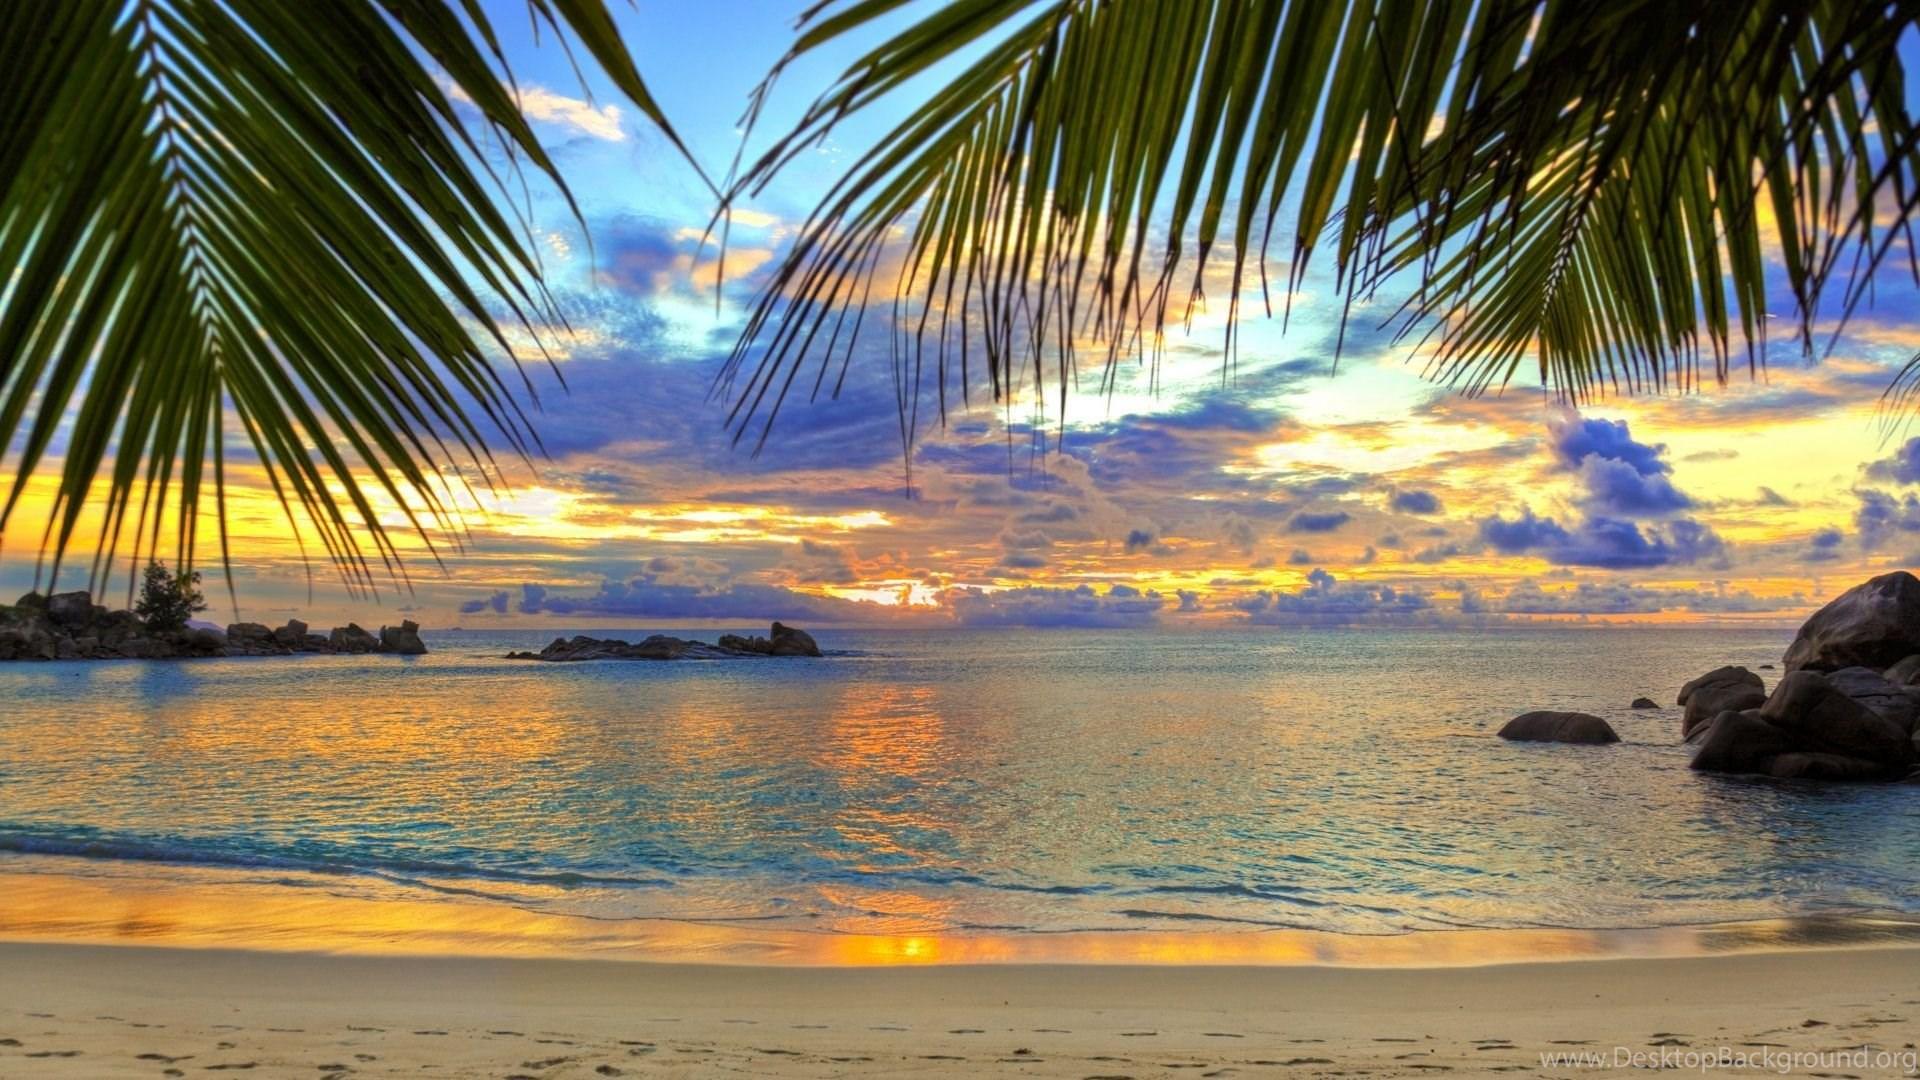 Desktop Backgrounds Hd Beach